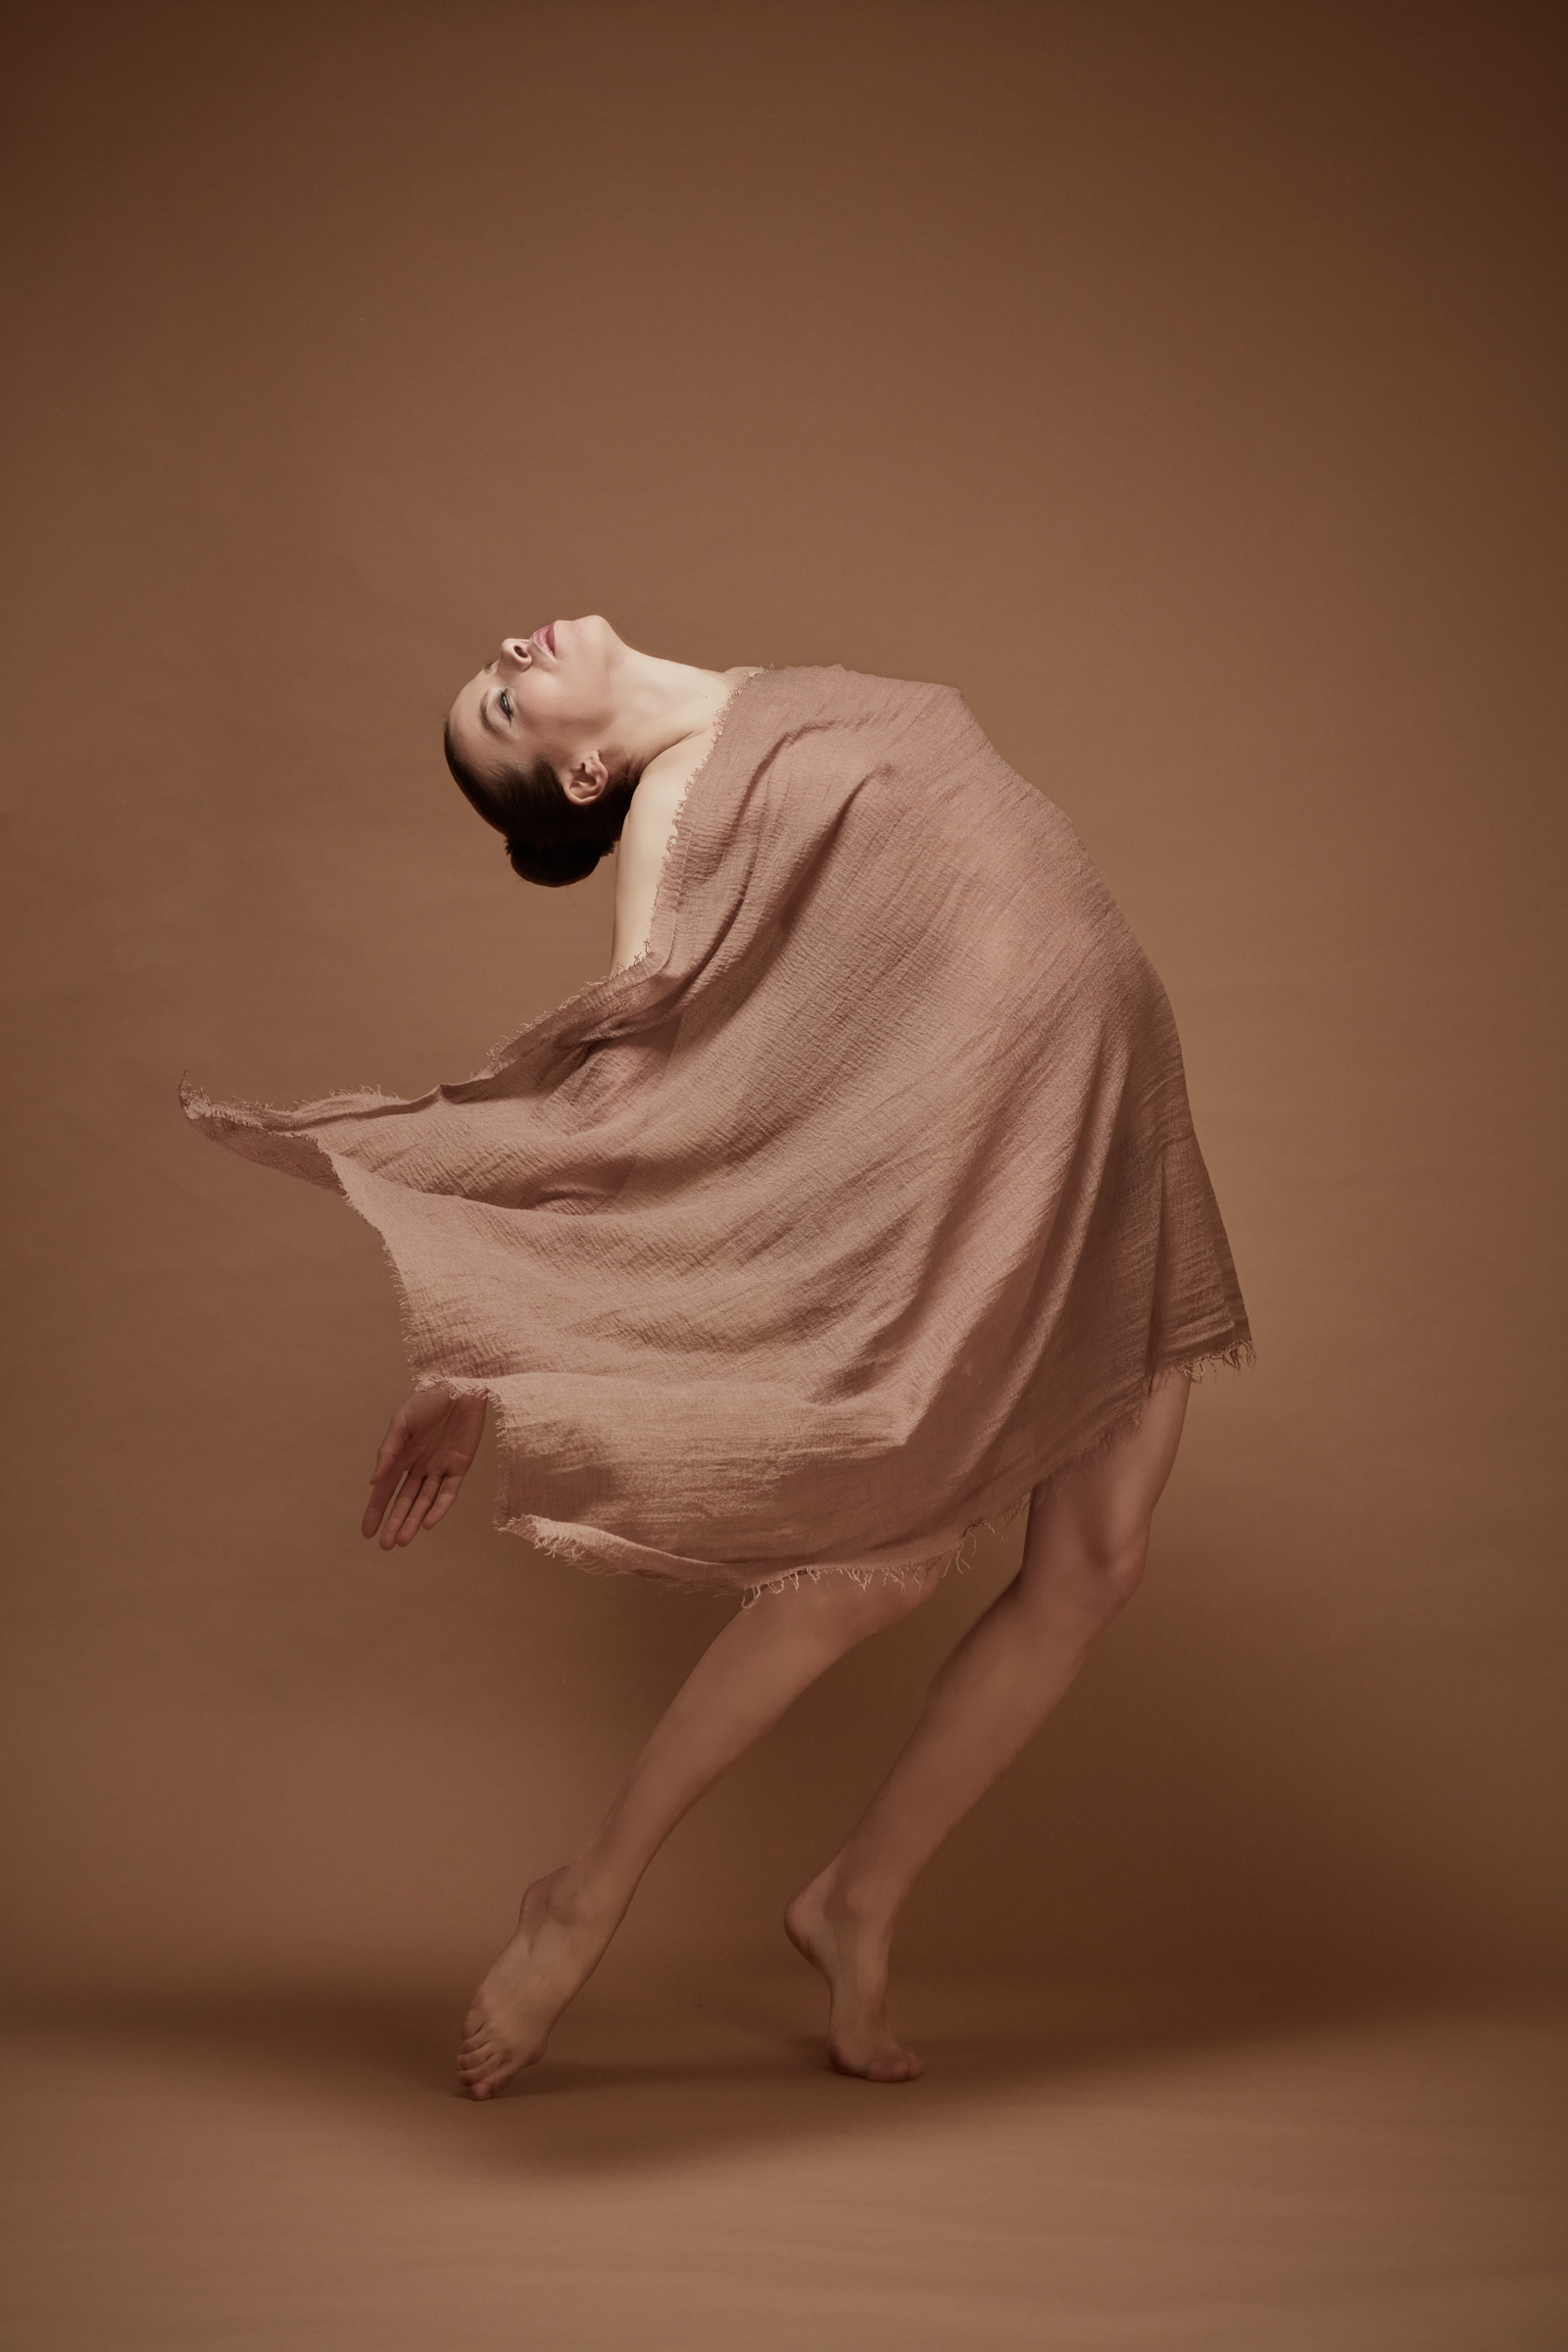 denisa sculptural art nude in studio mainz 09